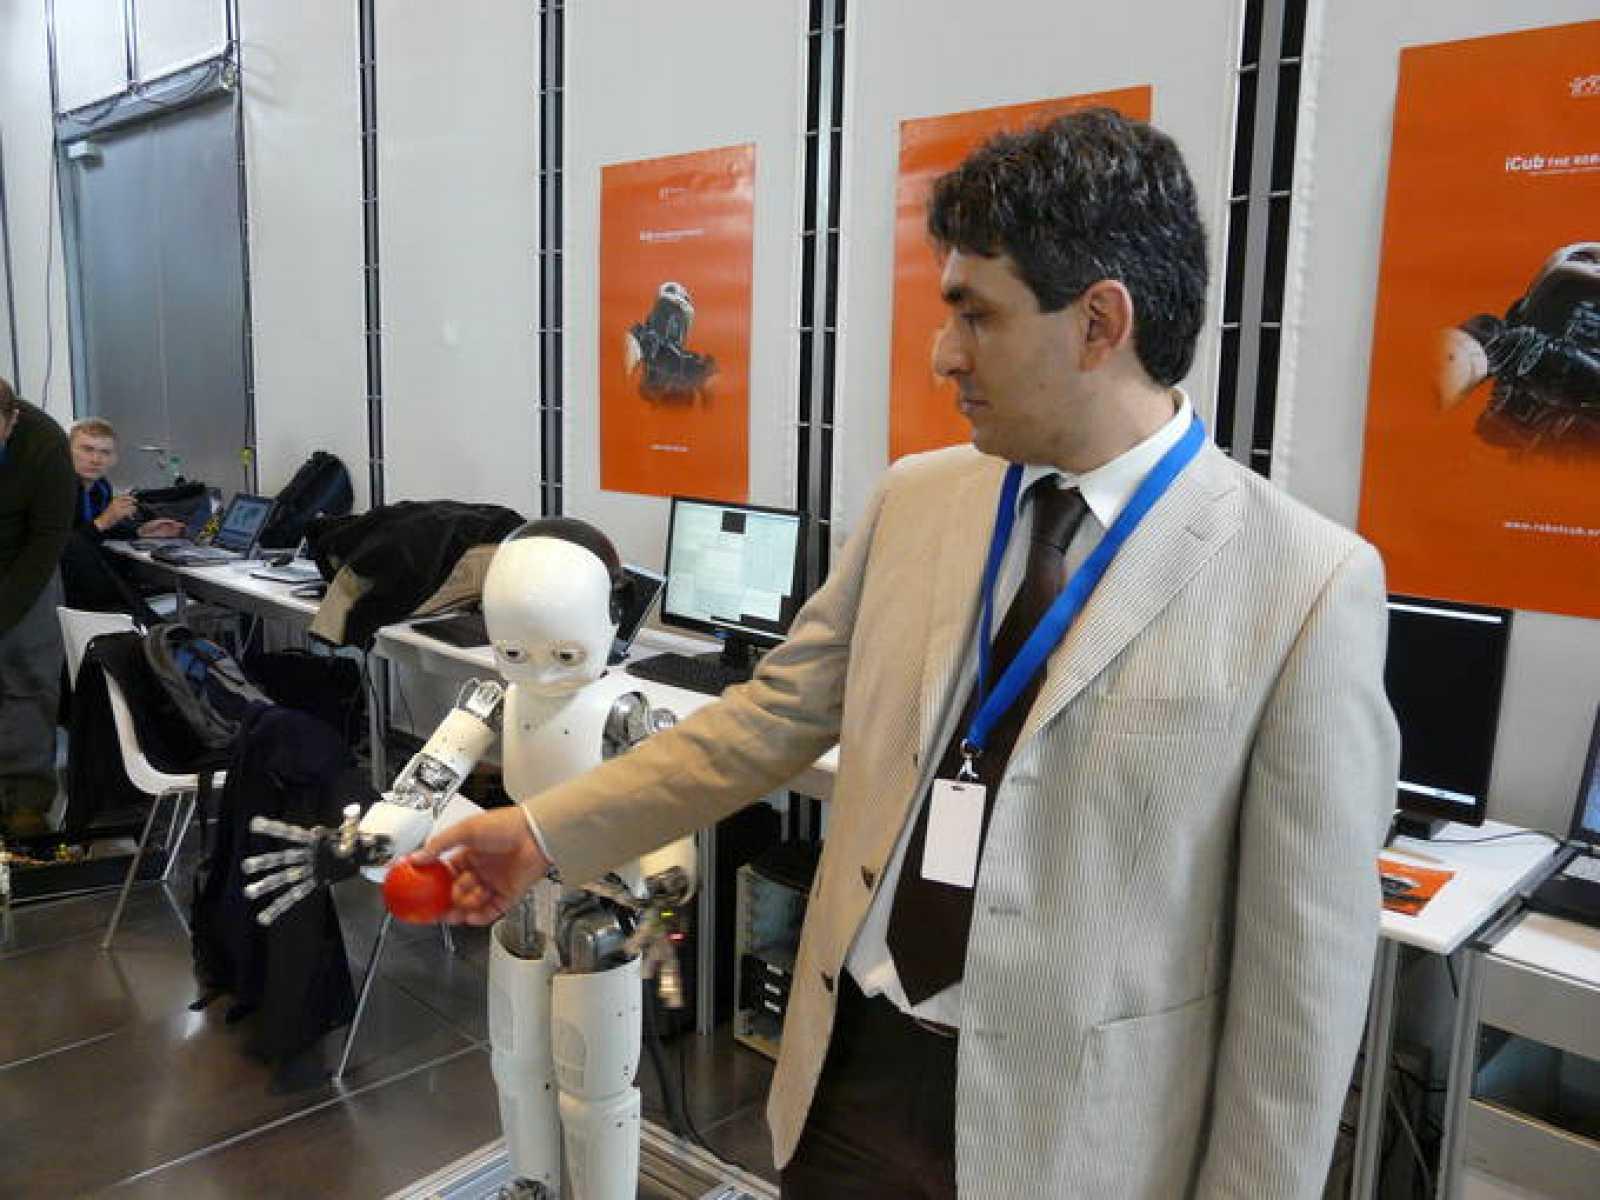 Giorgio Metta juega con iCub, el robot que ha sido capaz de ir adquiriendo conocimientos.